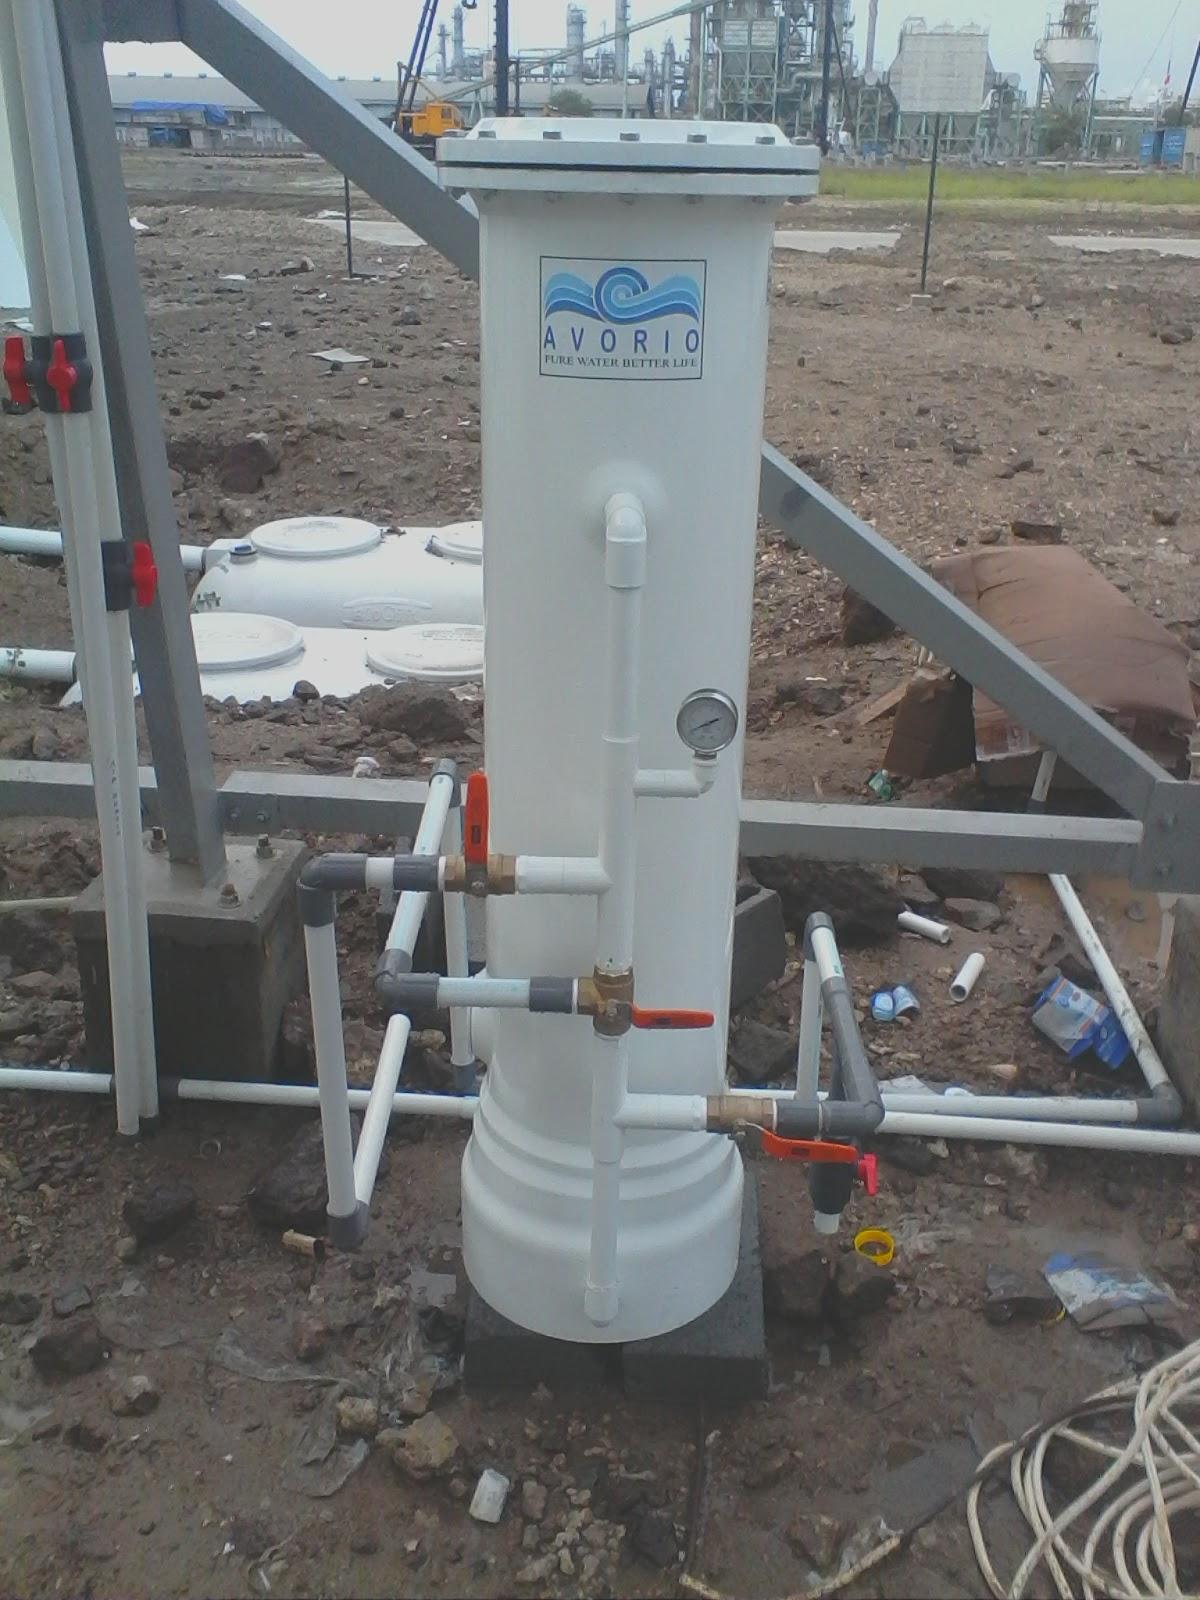 jual filter penjernih air harga murah untuk rumah tangga di jakarta, bandung, bekasi, solo, surabaya